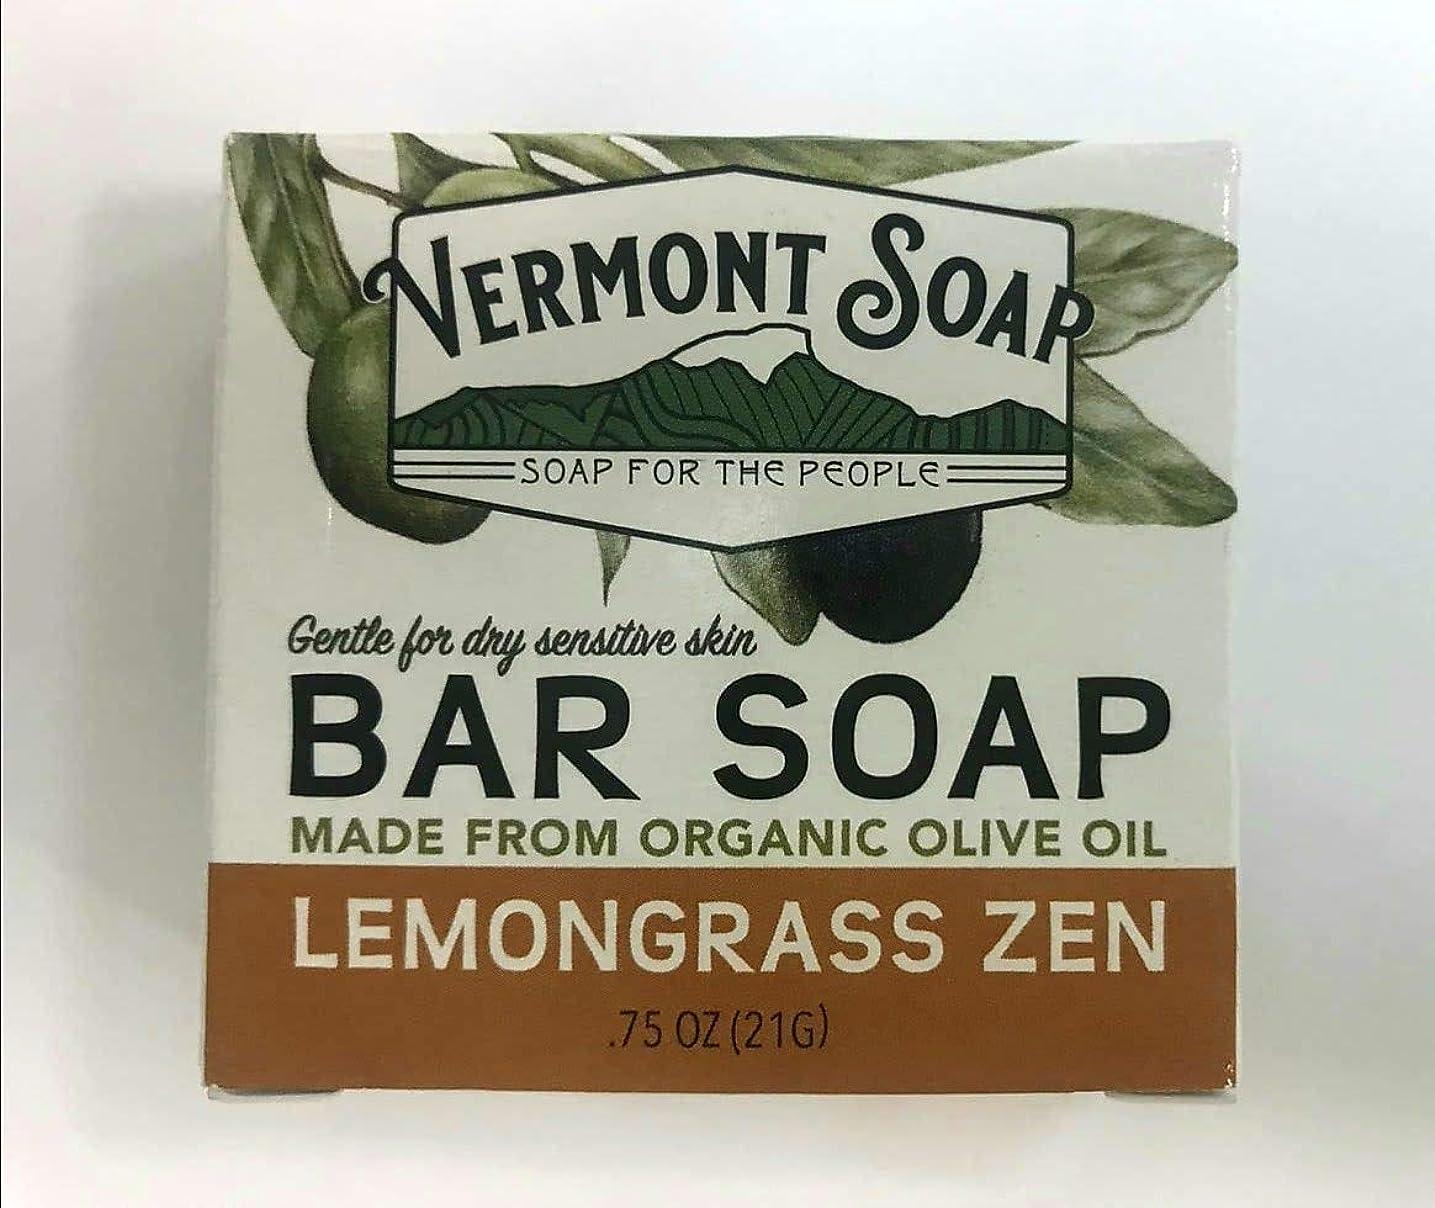 壮大なトロイの木馬住所VermontSoap バーモントソープ トラベルサイズ 2種類 (レモングラス) 21g オーガニック石けん 洗顔 ボディー